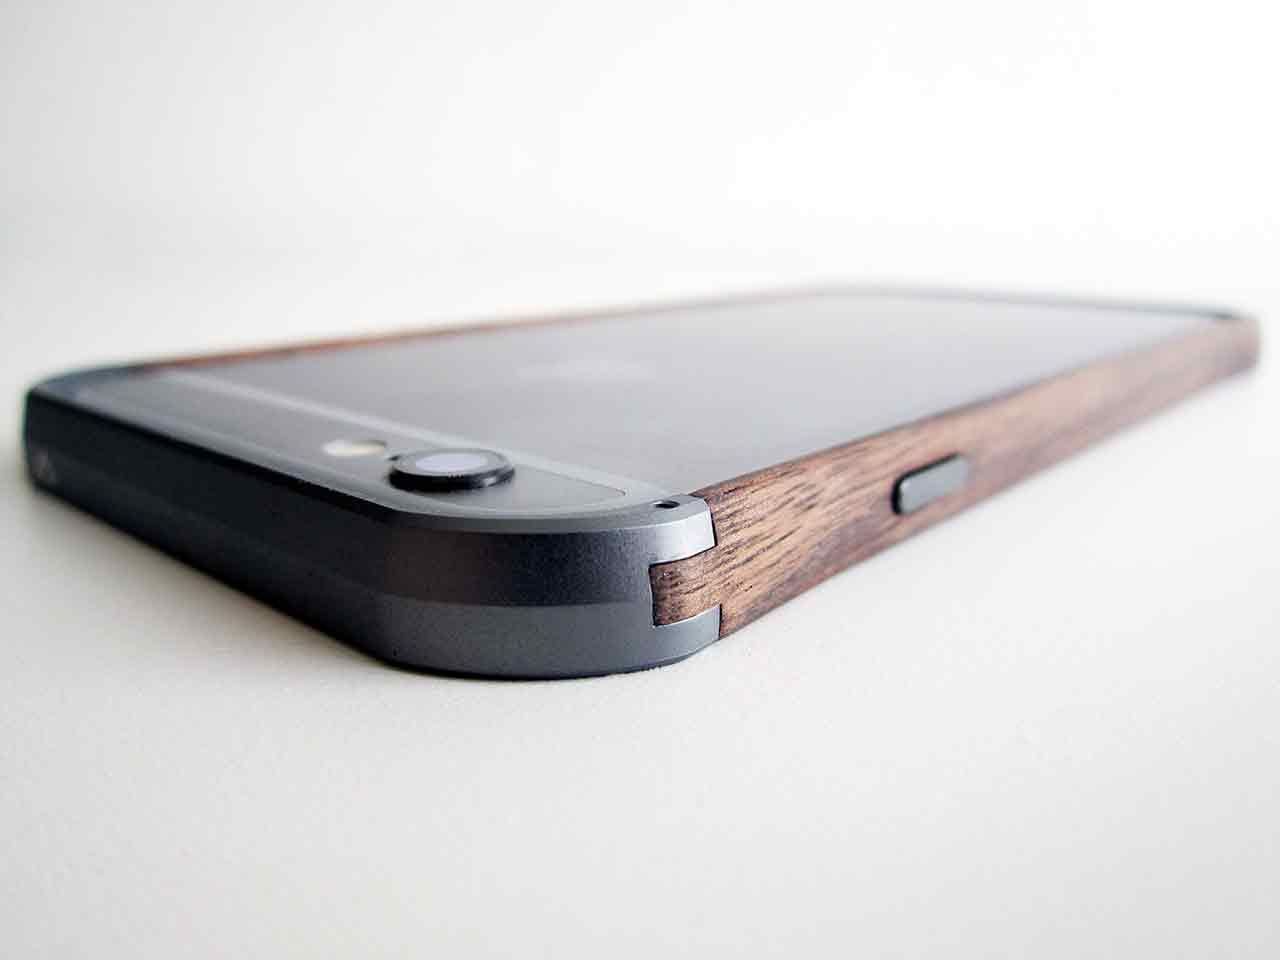 Minimalistisk bumper till iPhone 6 av trä och aluminium